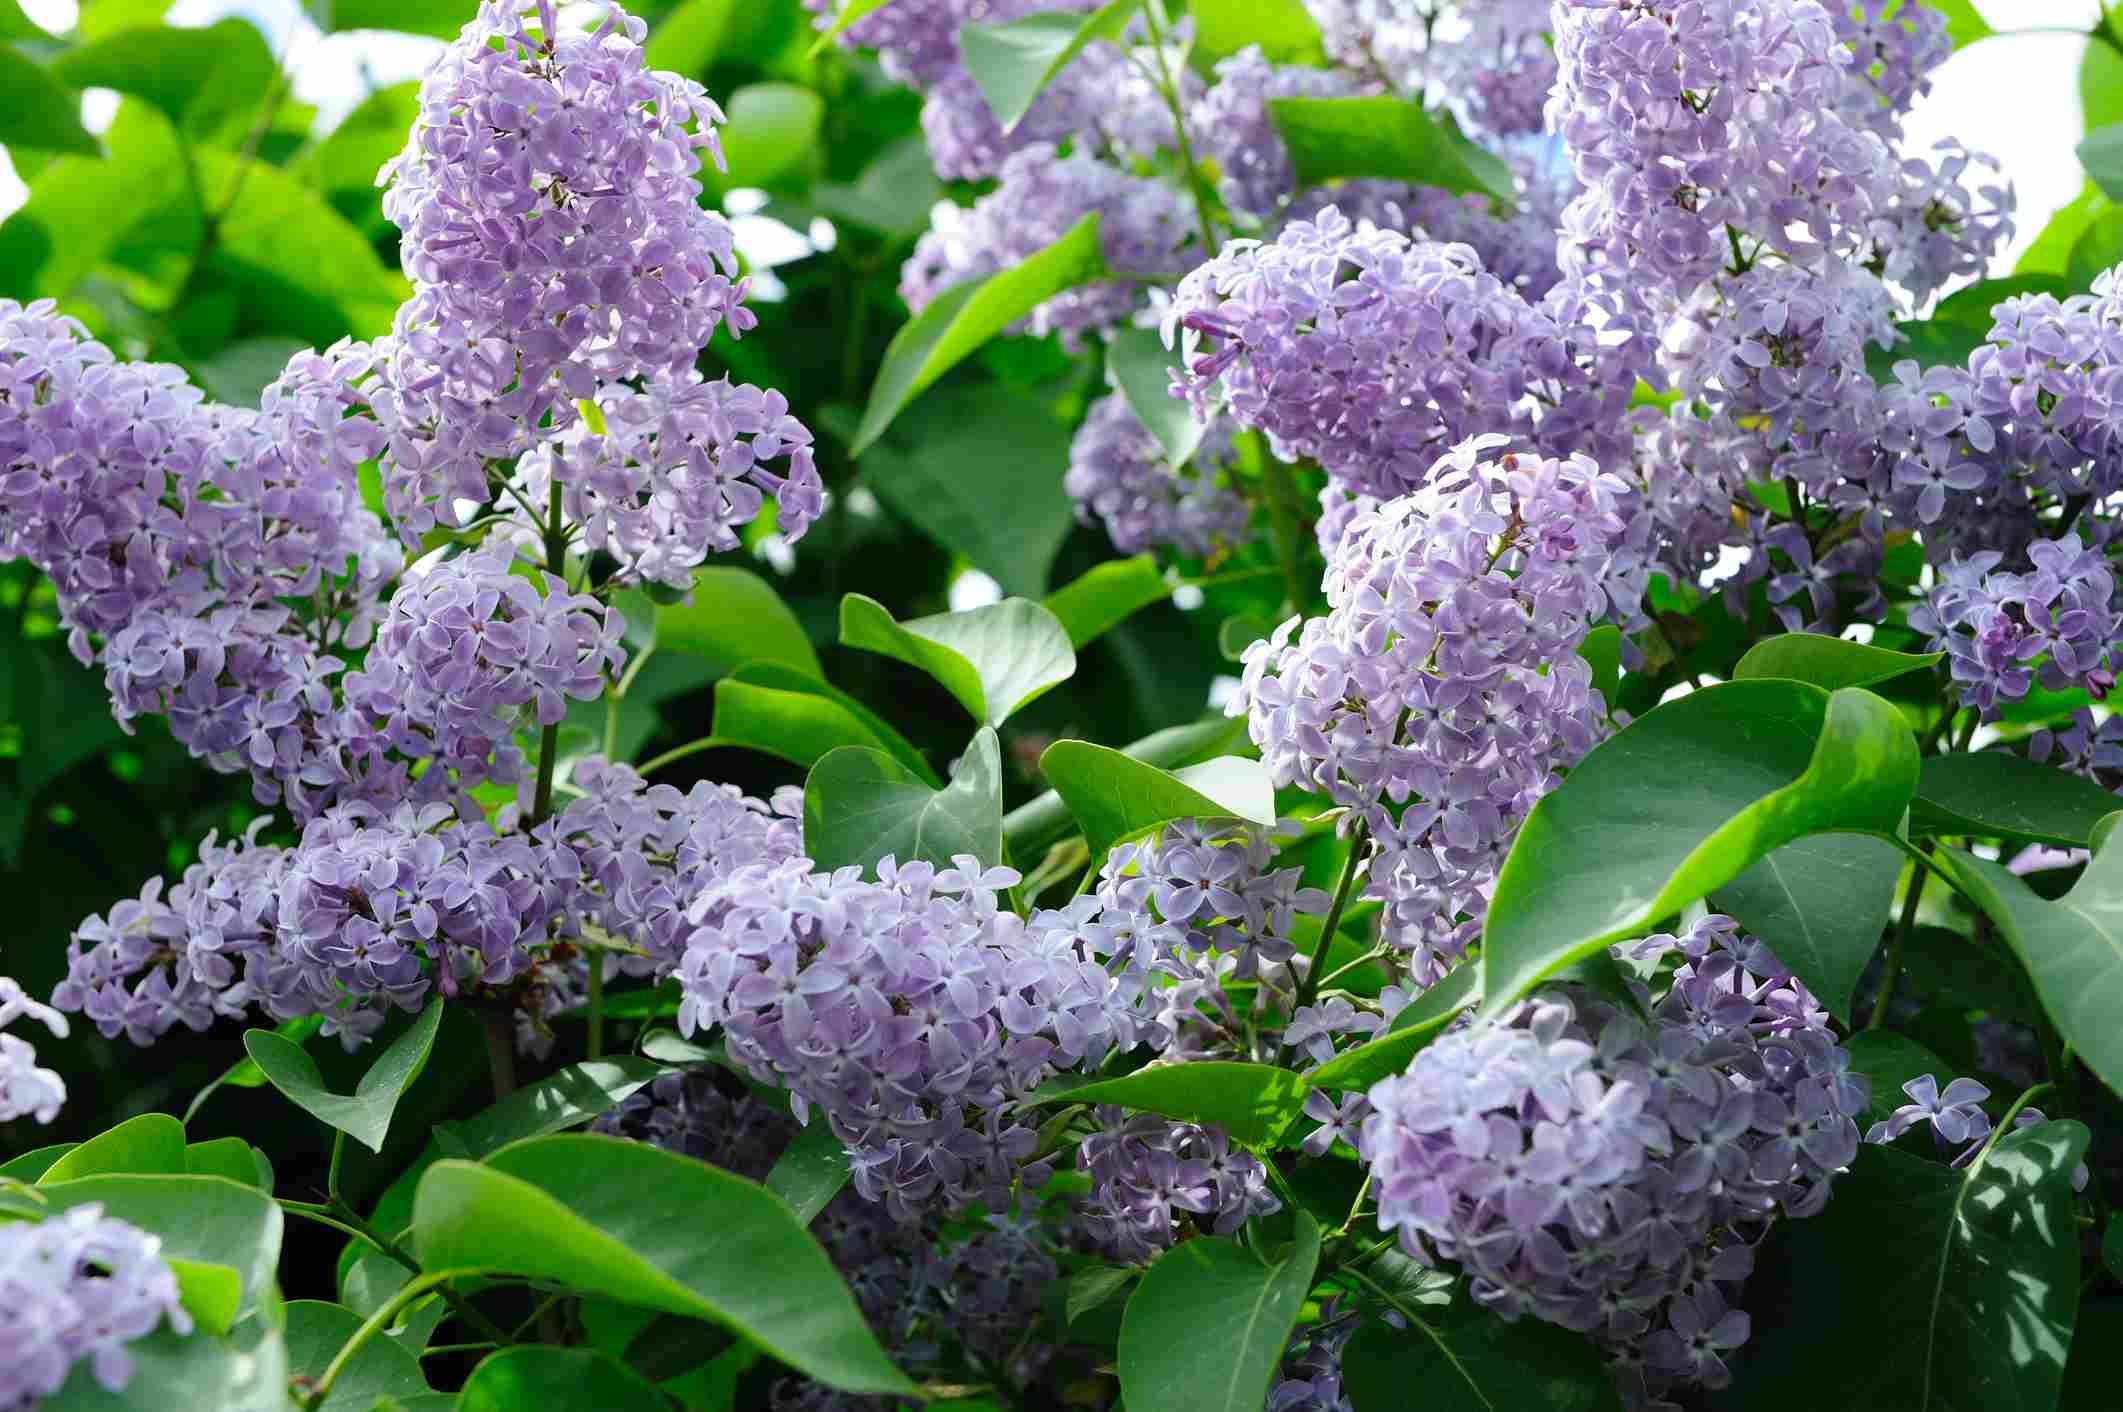 arbusto de lila que florece con flores de color lila .